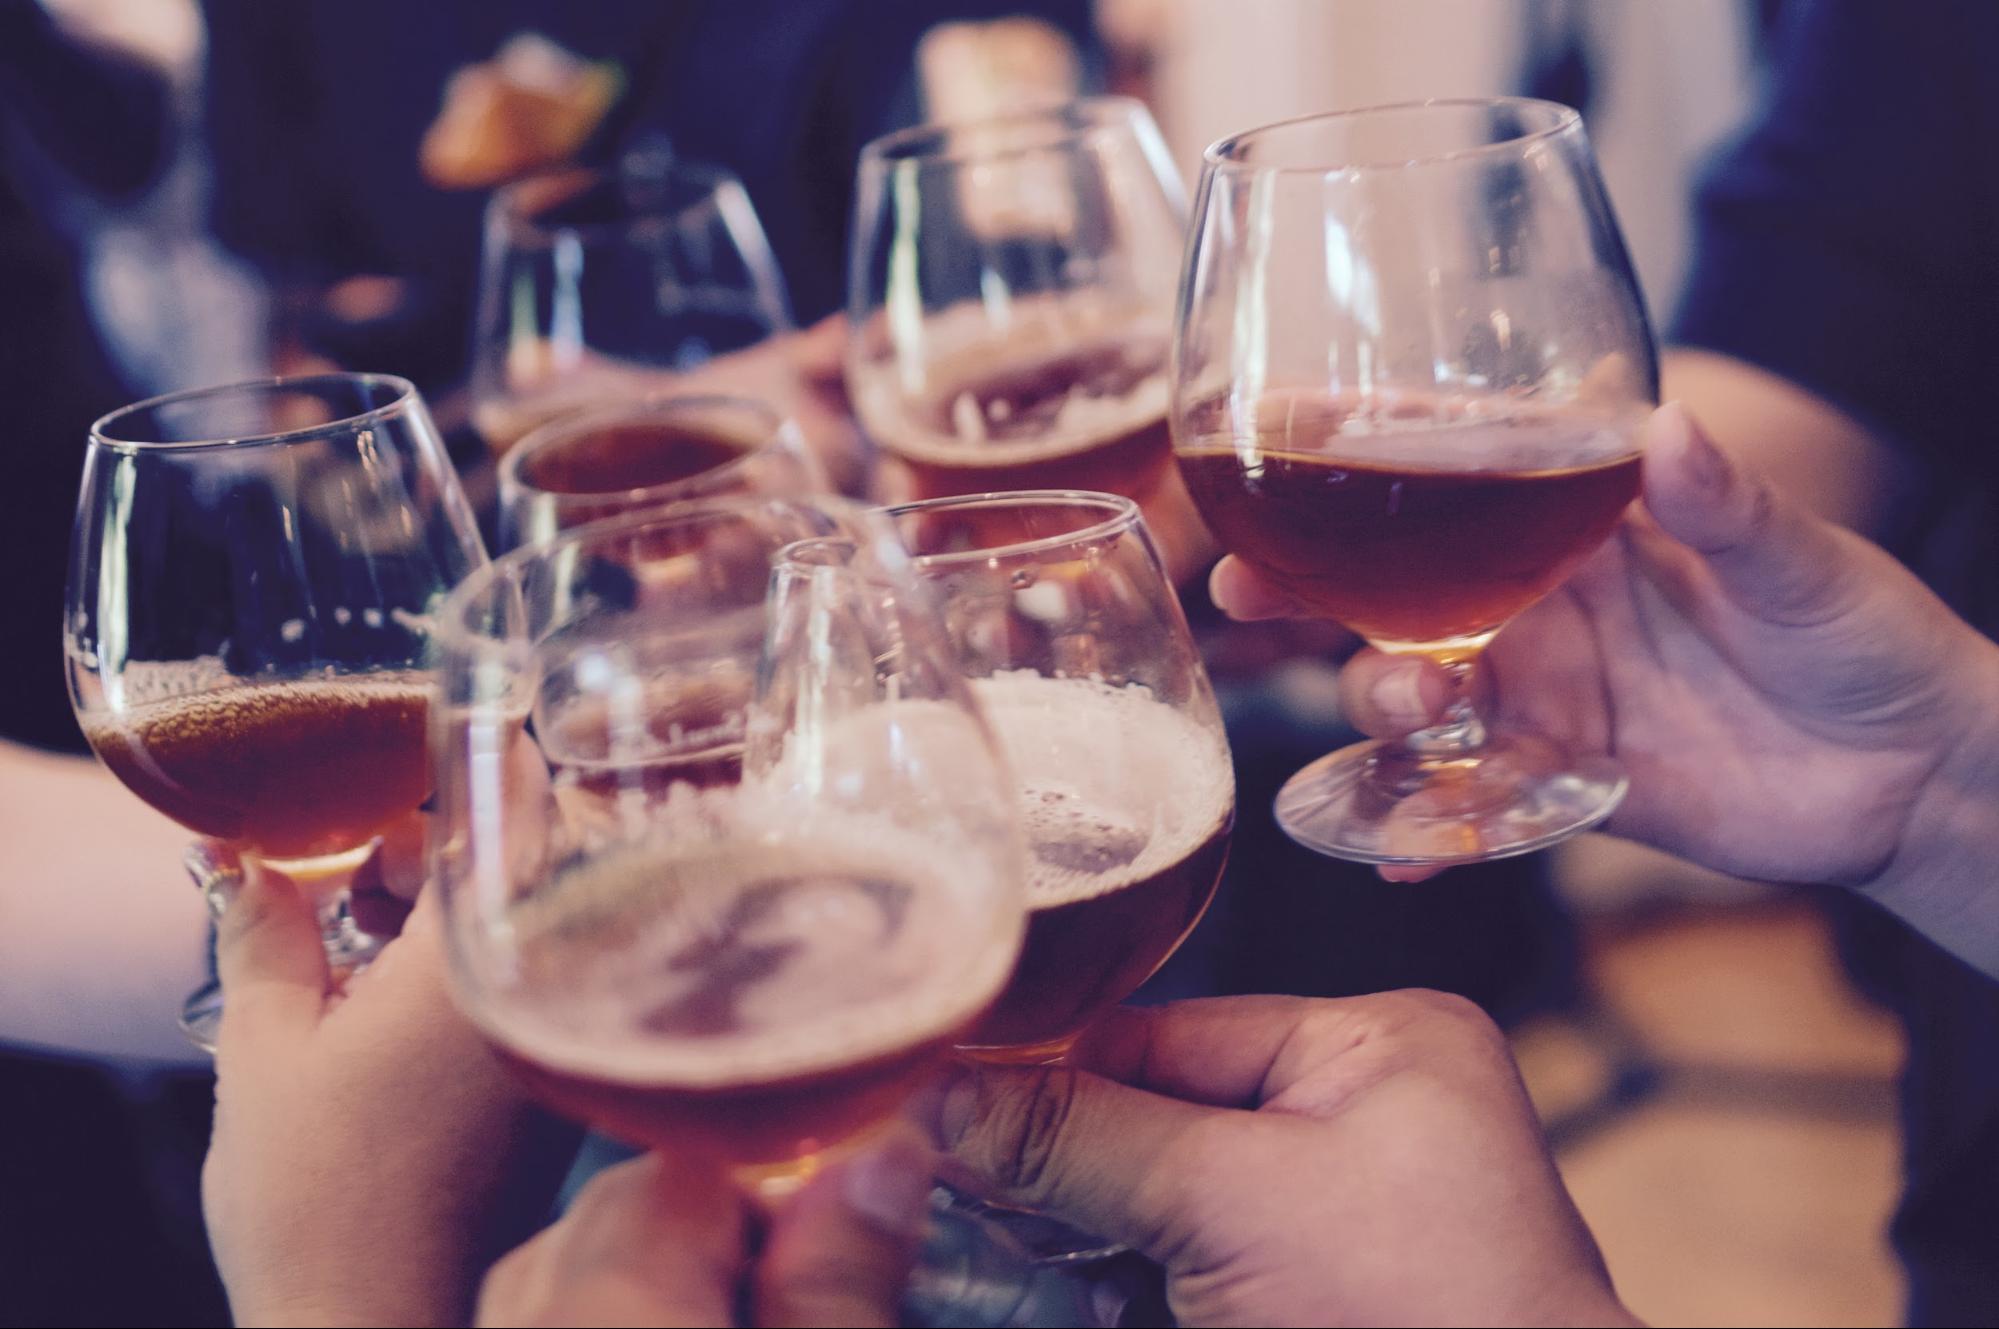 Instagram captions for beers